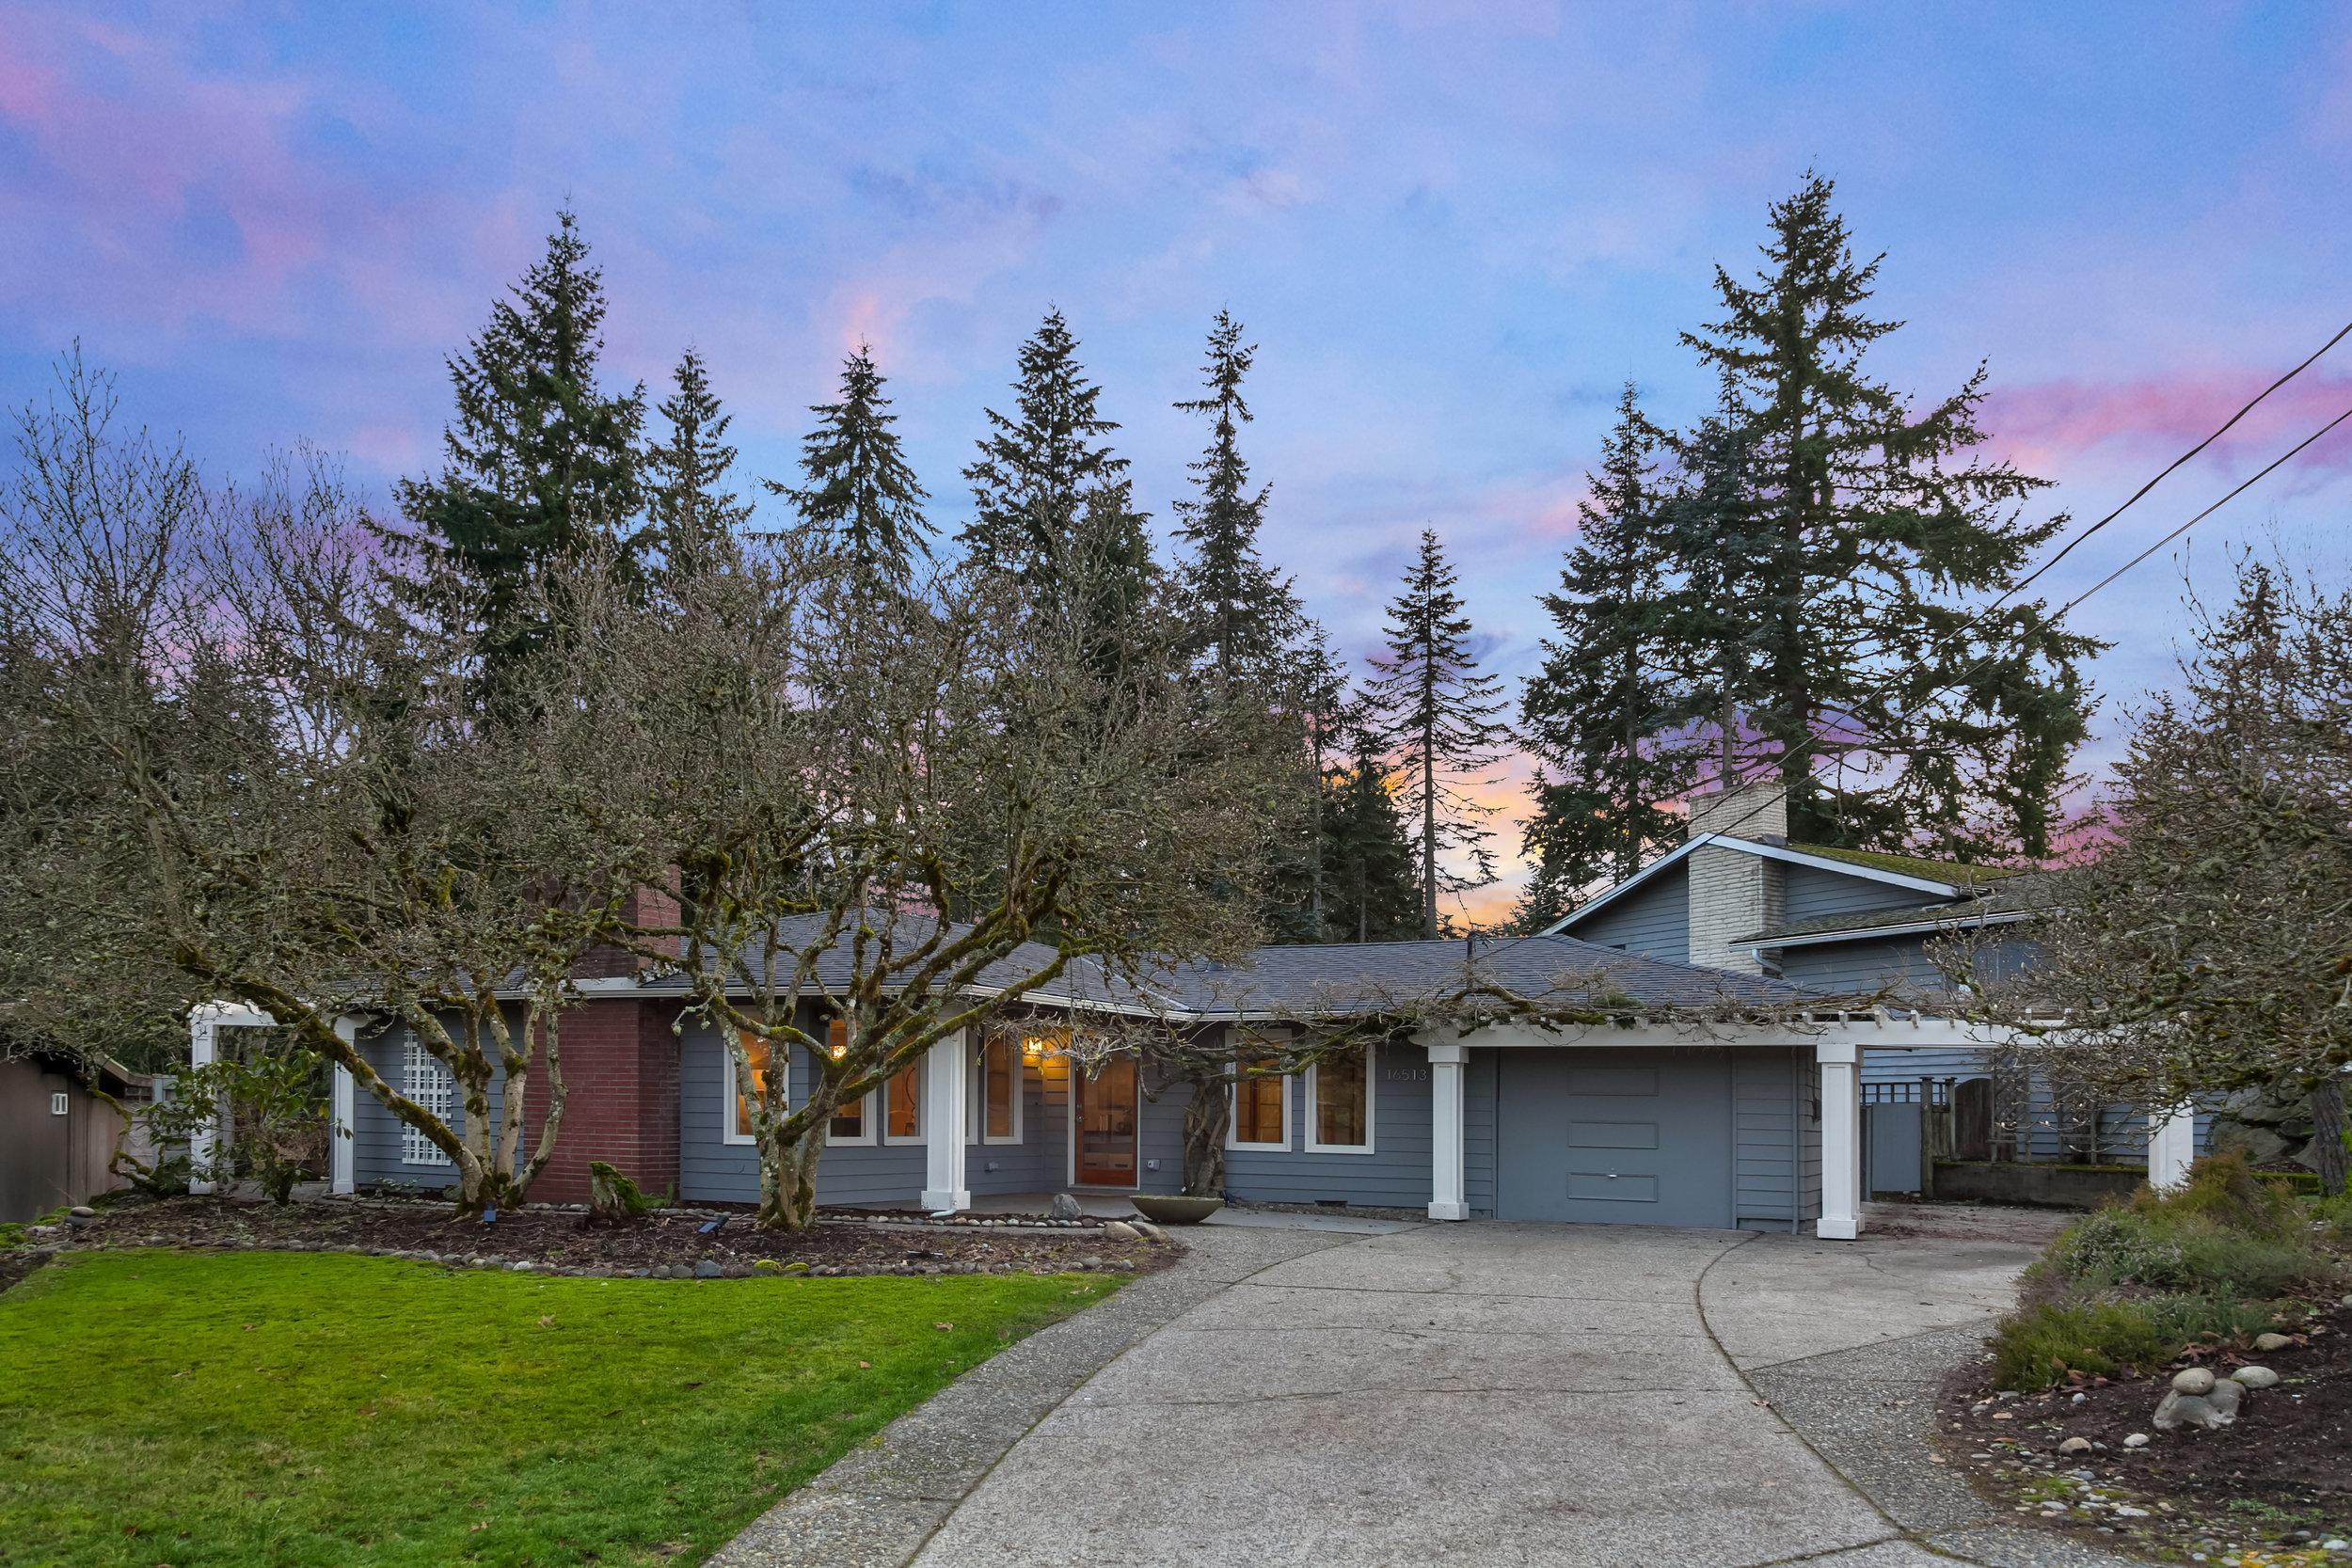 Bellevue - $878,000